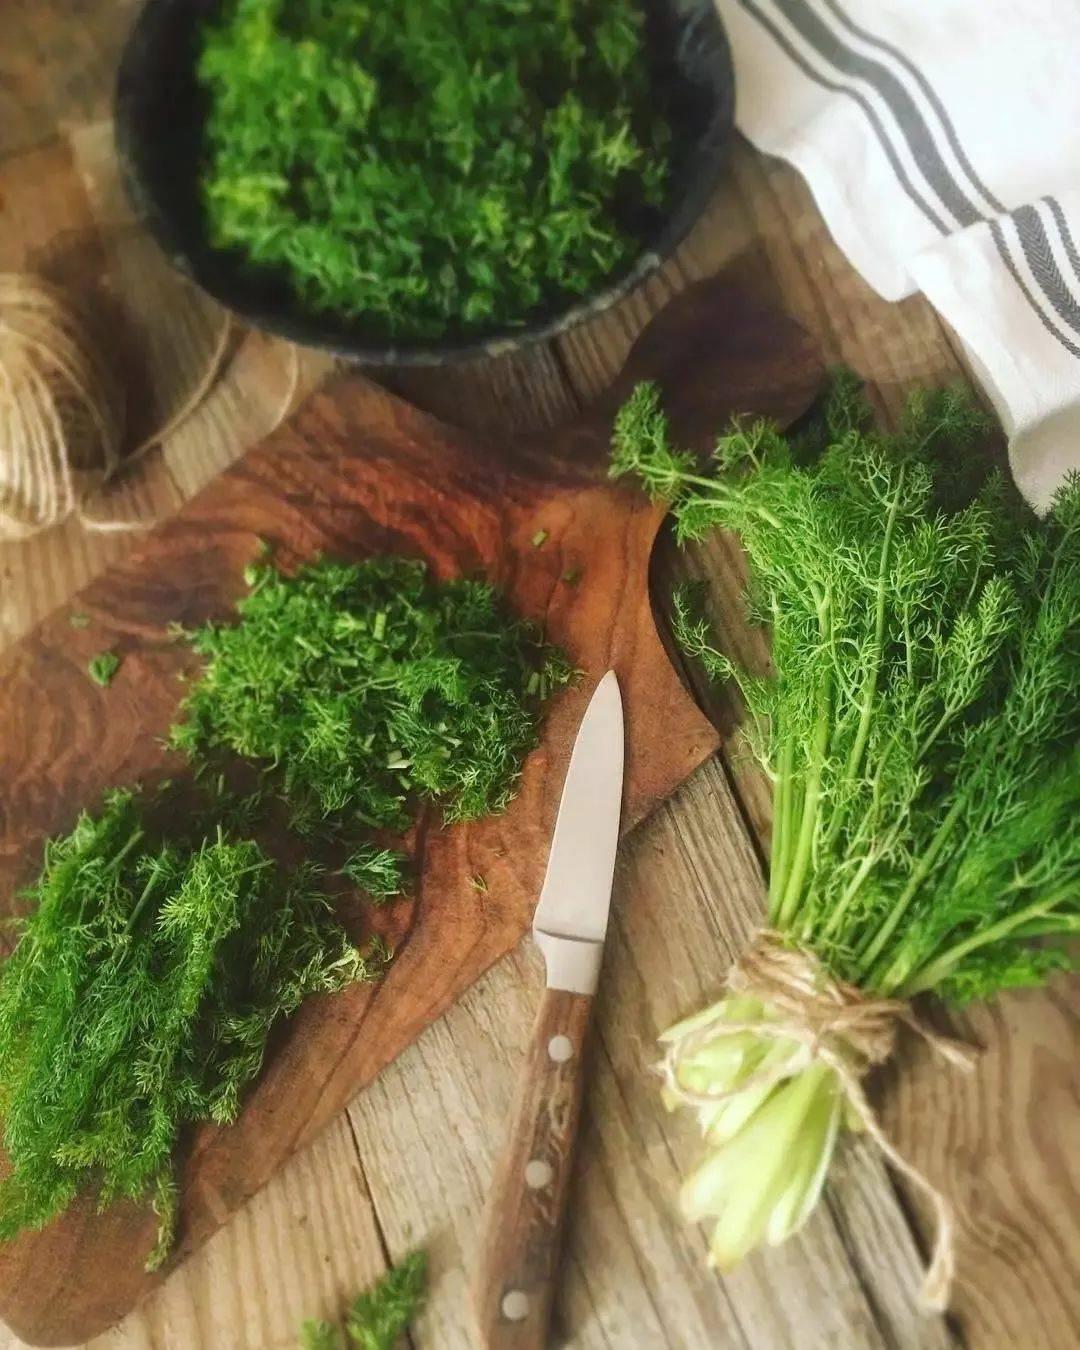 温阳驱寒的绿叶菜,冬季护胃佳品!